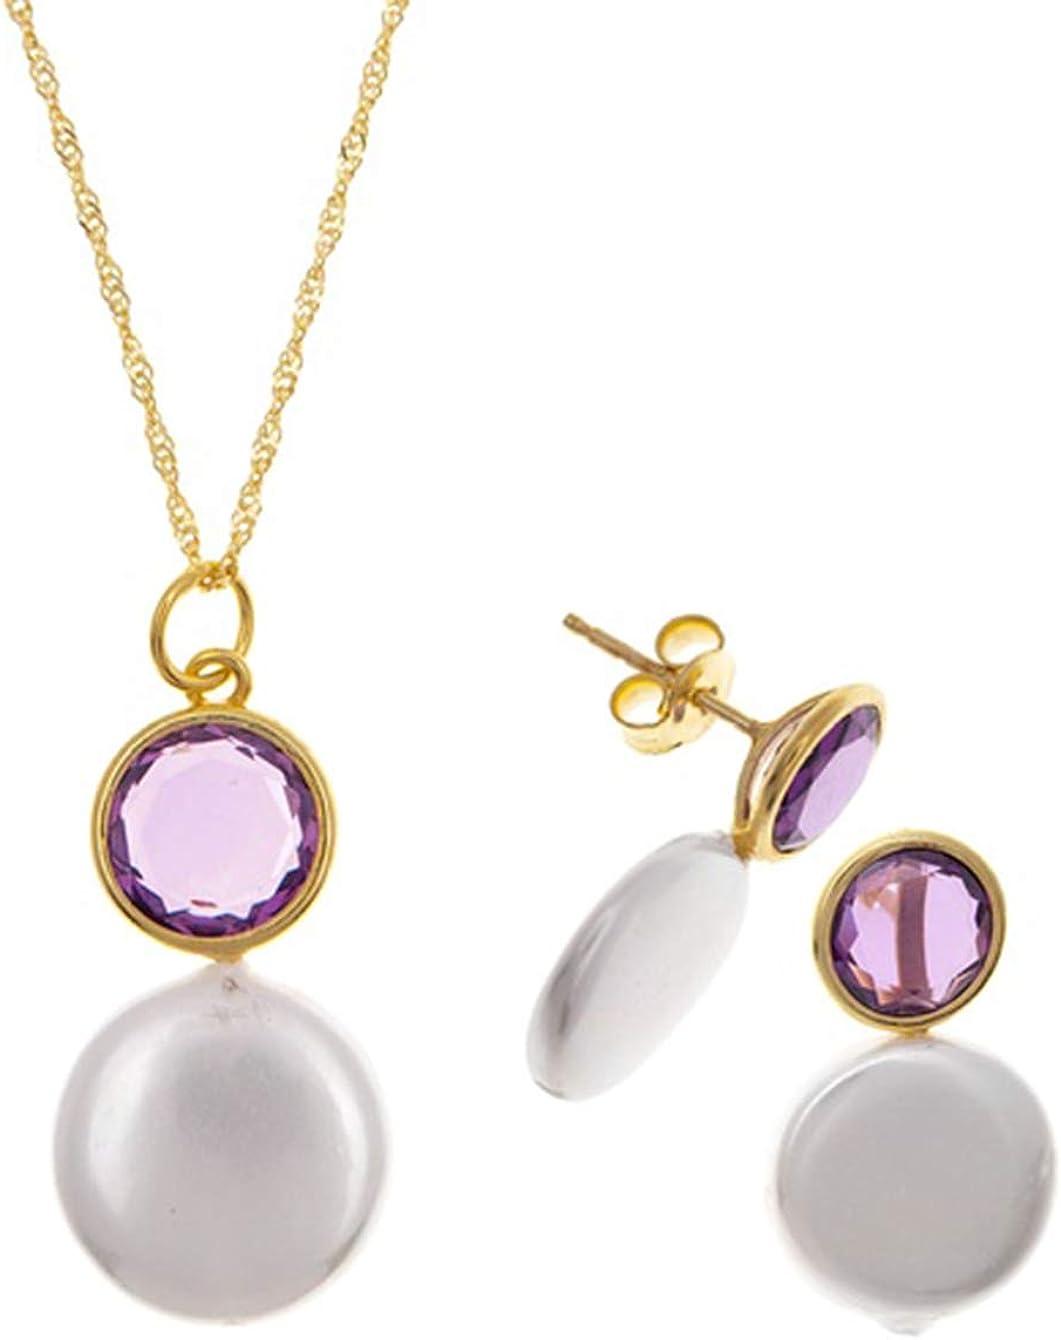 Córdoba Jewels | Conjunto de Gargantilla y Pendientes en Plata de Ley 925 bañada en Oro. Diseño Tú y Yo Perla Amatista Oro